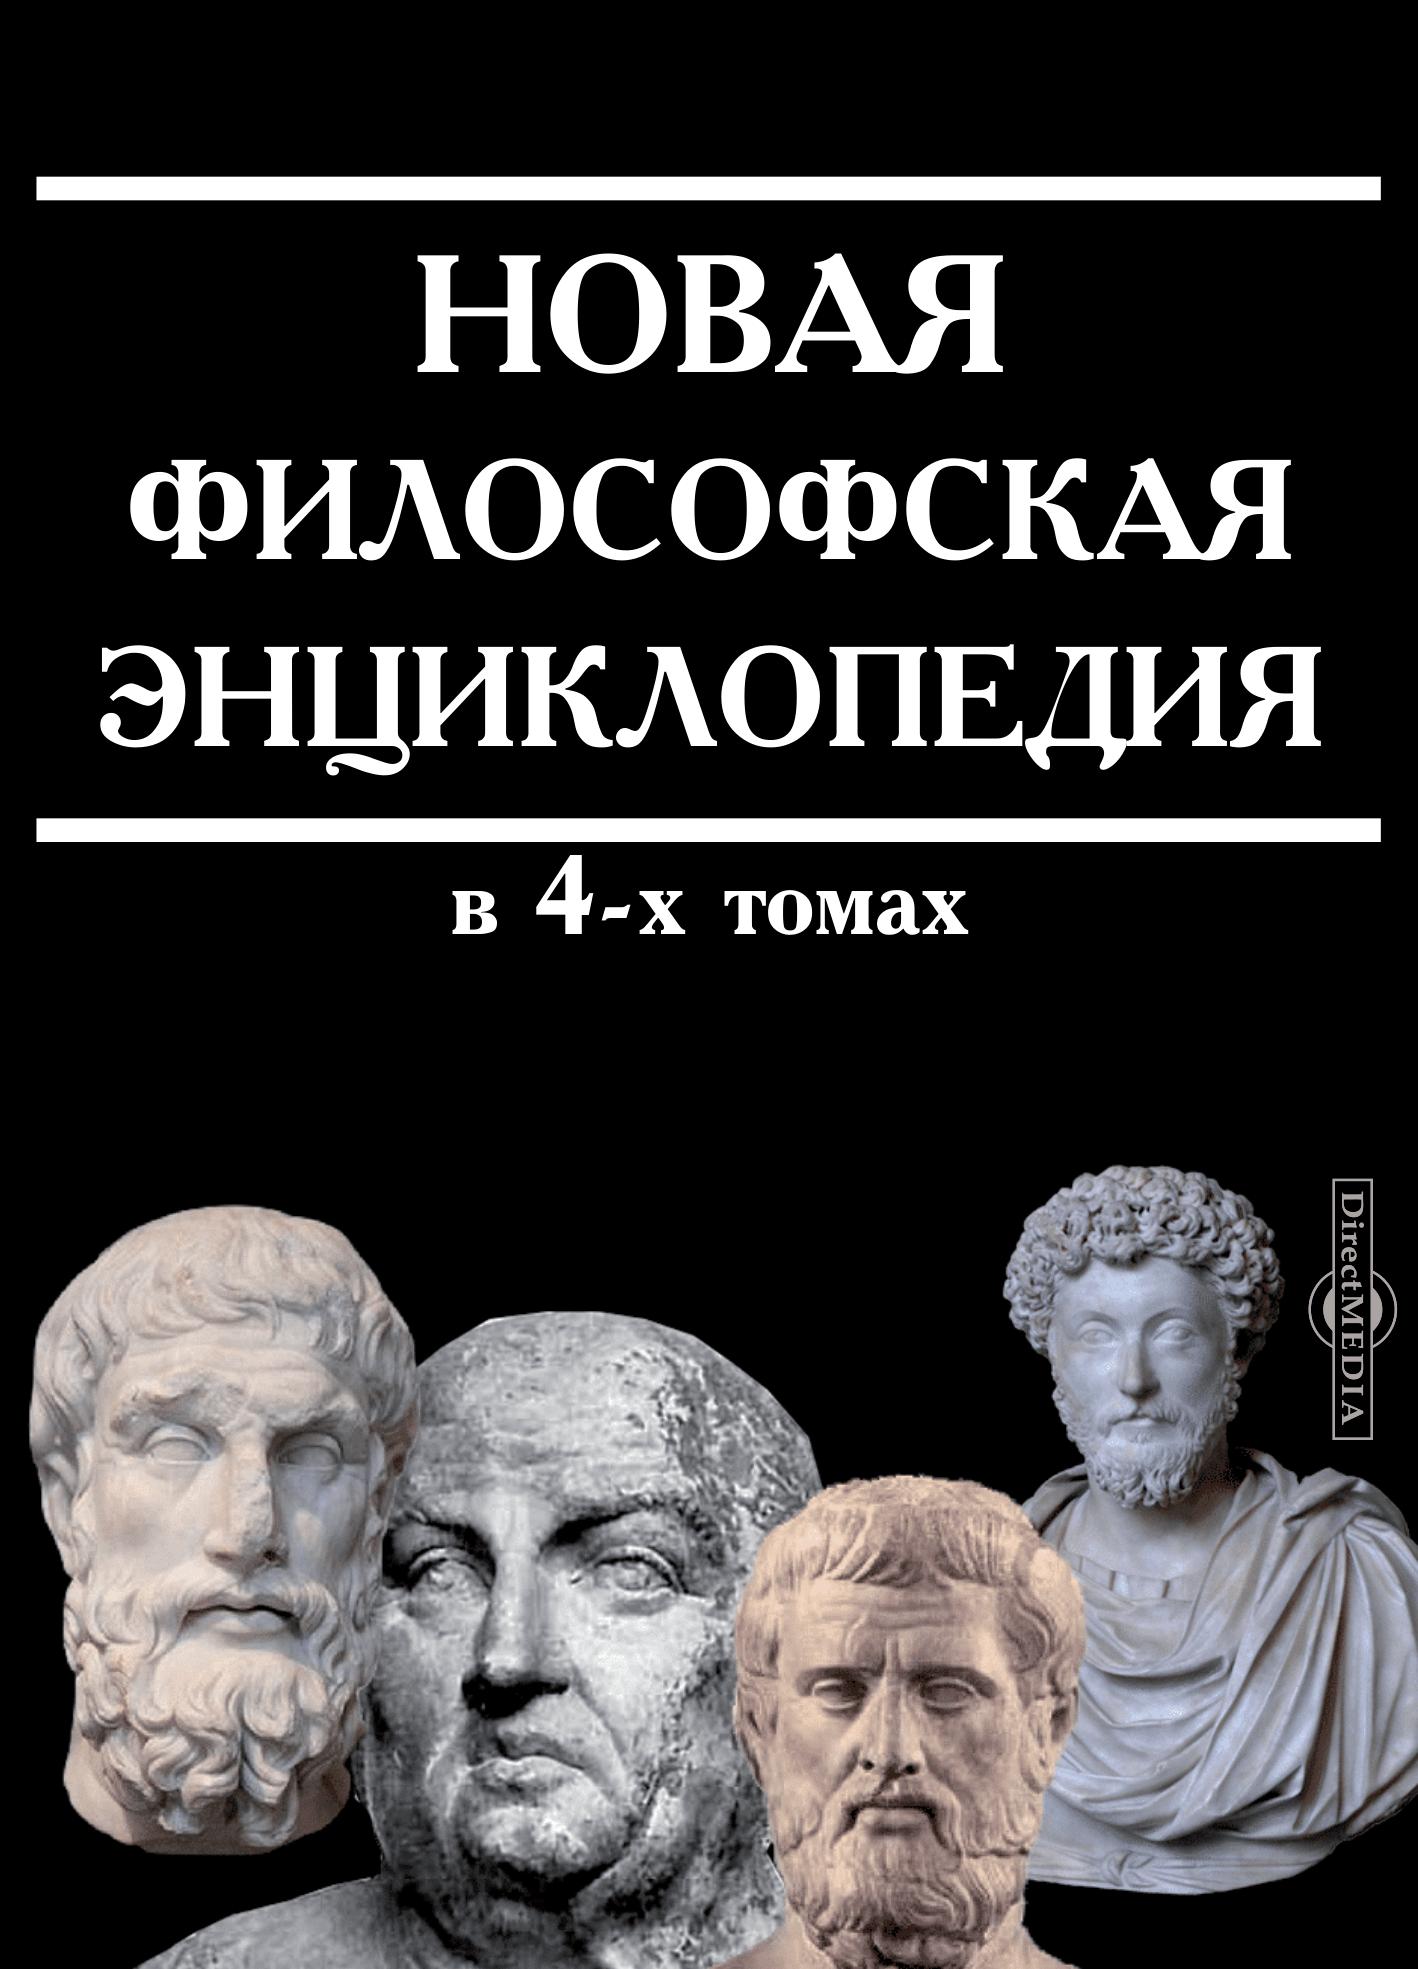 Новая философская энциклопедия в 4-х томах